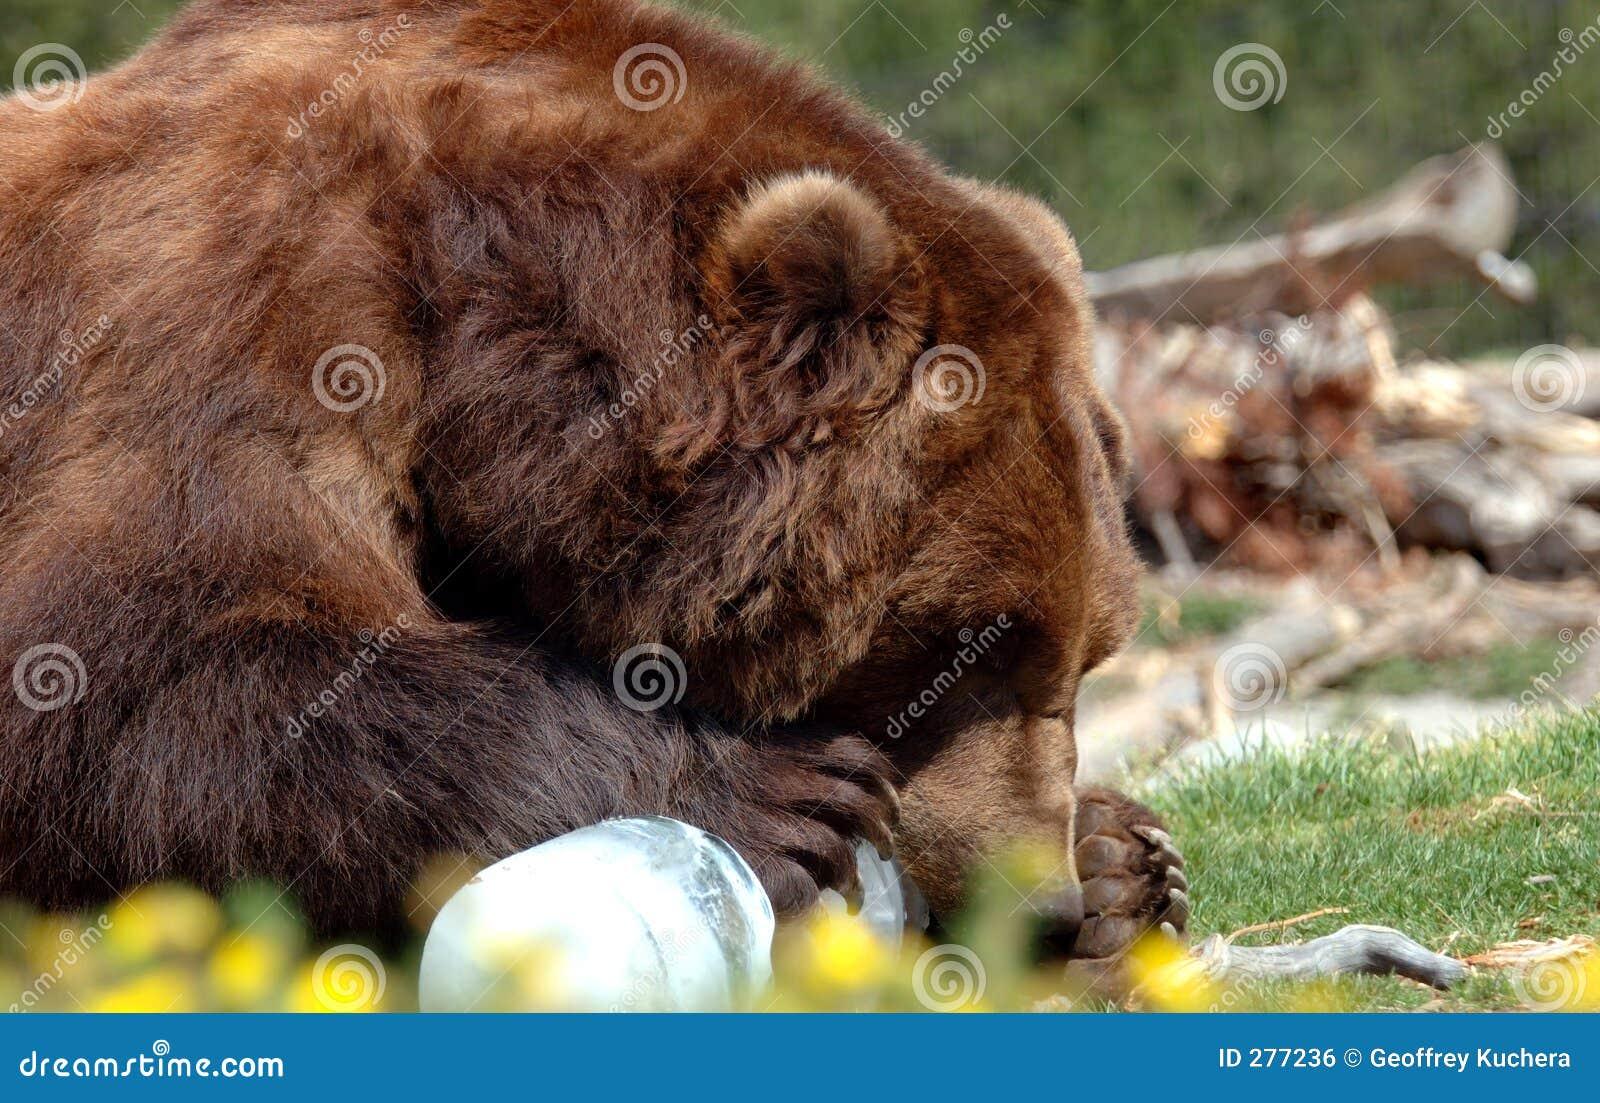 Het Kauwen van de grizzly op Ijs